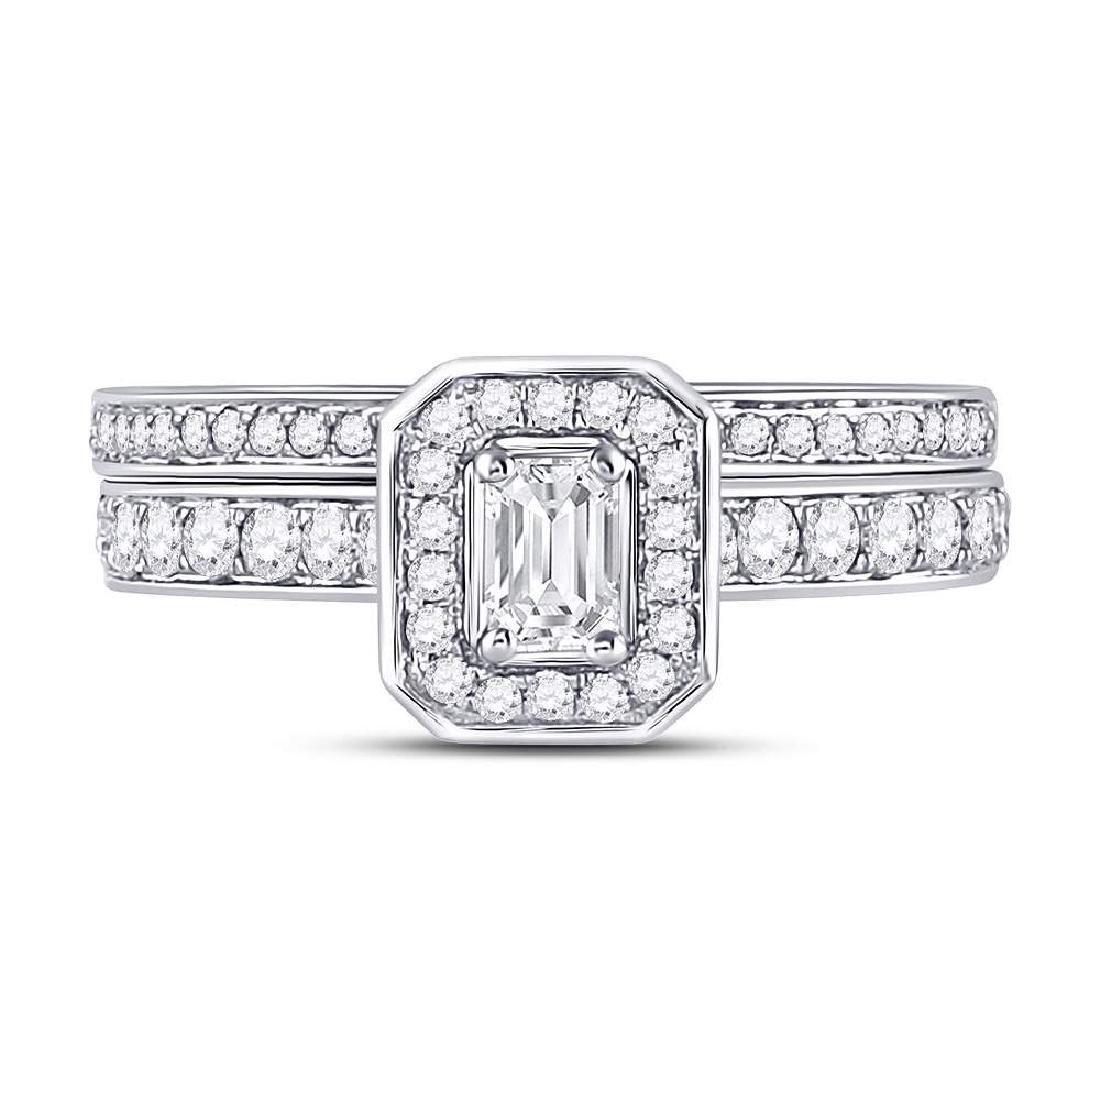 14kt White Gold Emerald Diamond Bridal Wedding Engageme - 2